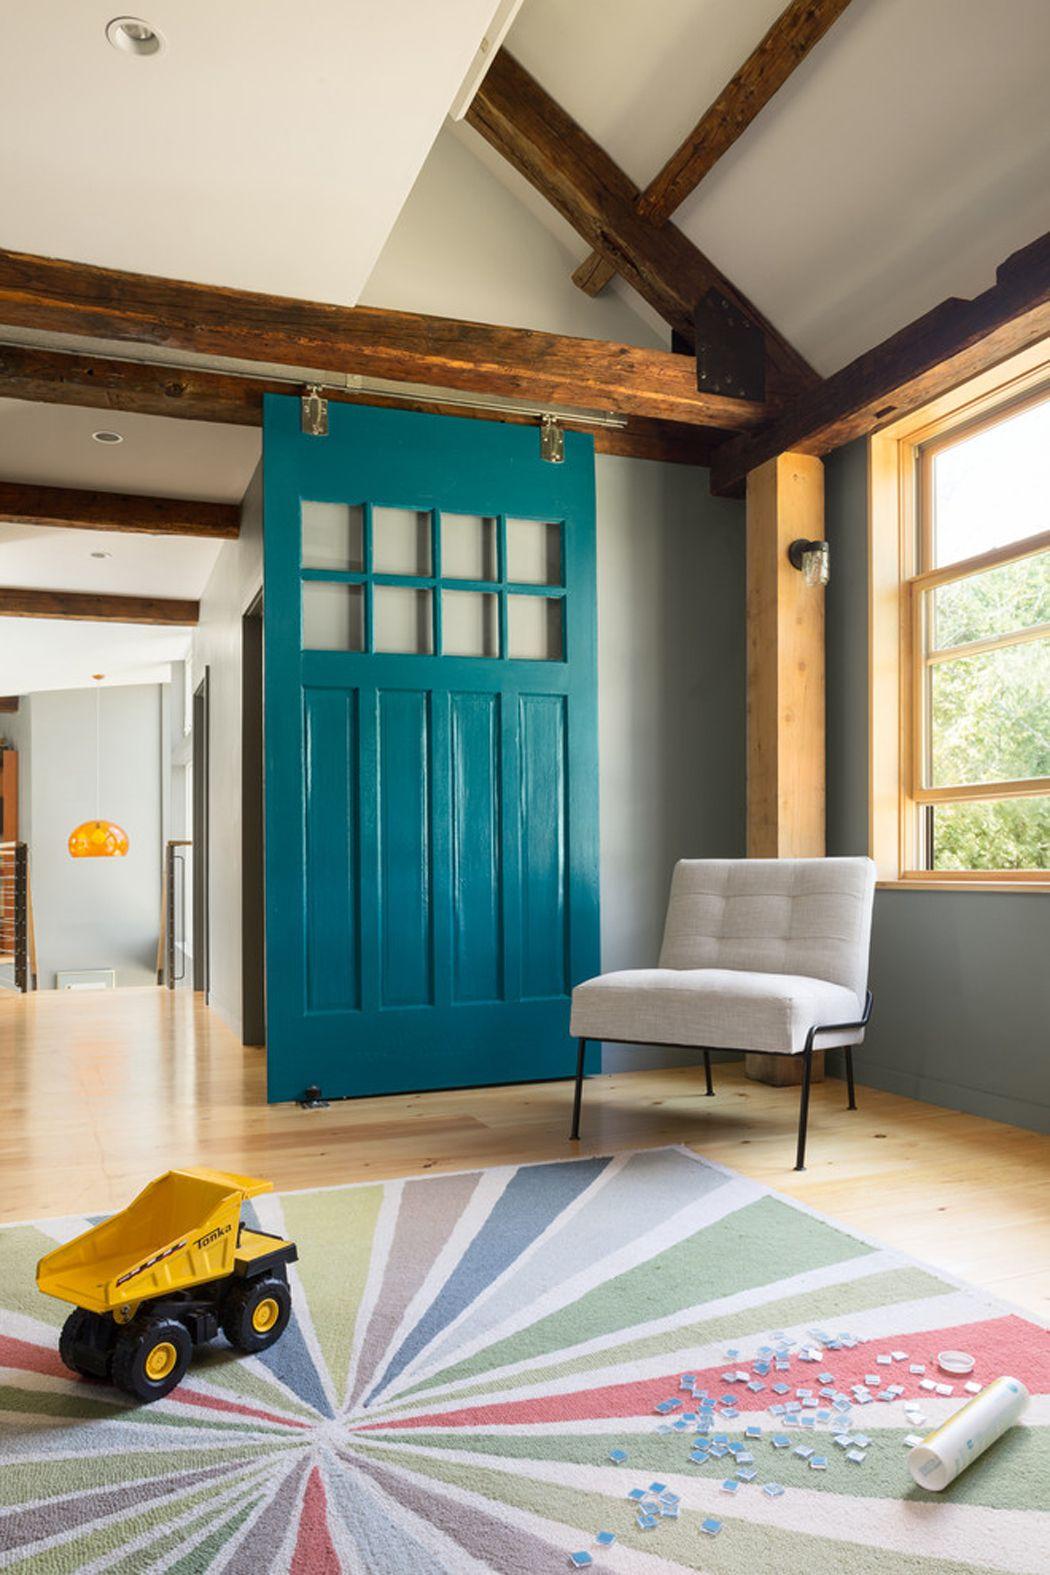 Merveilleux Décor Du0027intérieur Moderne Avec Quelques Touches Rustique Et Joli Porte  Coulissante Bleue